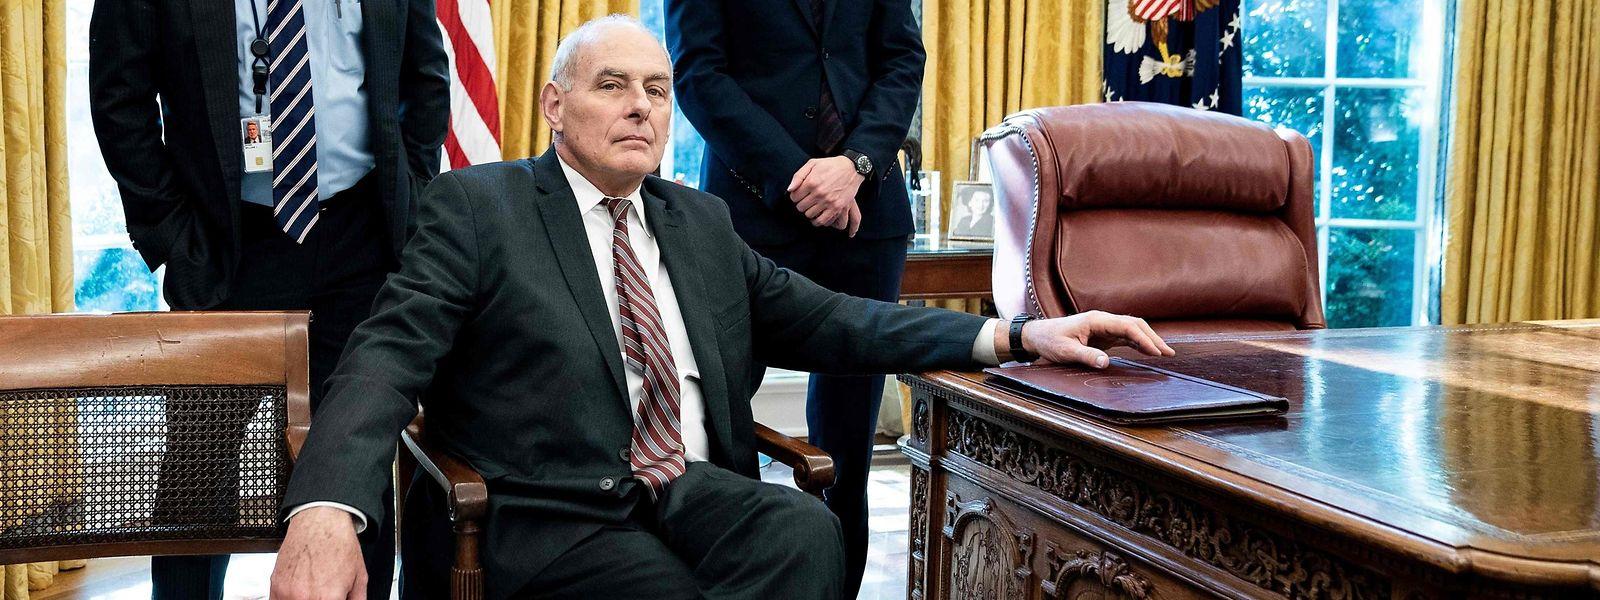 Général des Marines à la retraite, John Kell était devenu le principal conseiller de Donald Trump à la Maison Blanche en juillet 2017.